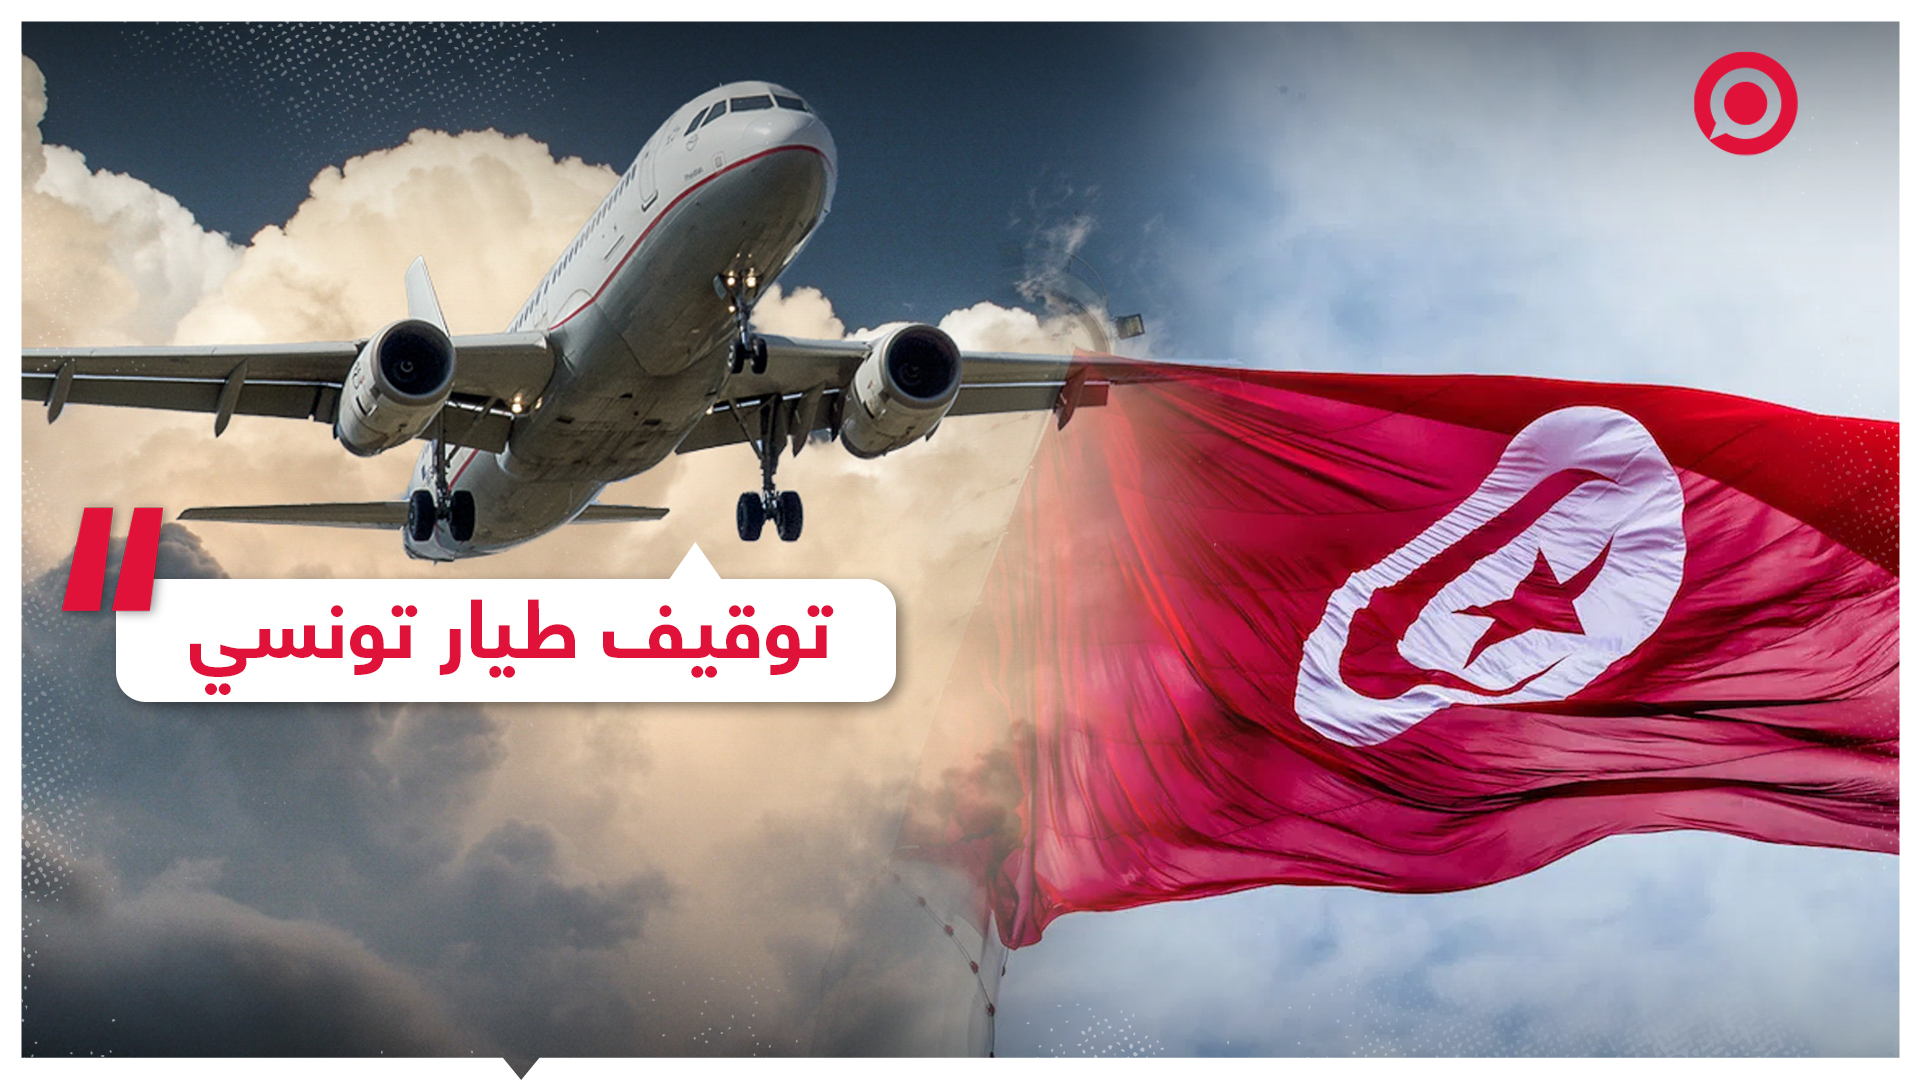 طيار تونسي يدعي وقفه عن العمل لرفضه رحلة إلى تل أبيب.. وطيران الإمارات تنفي